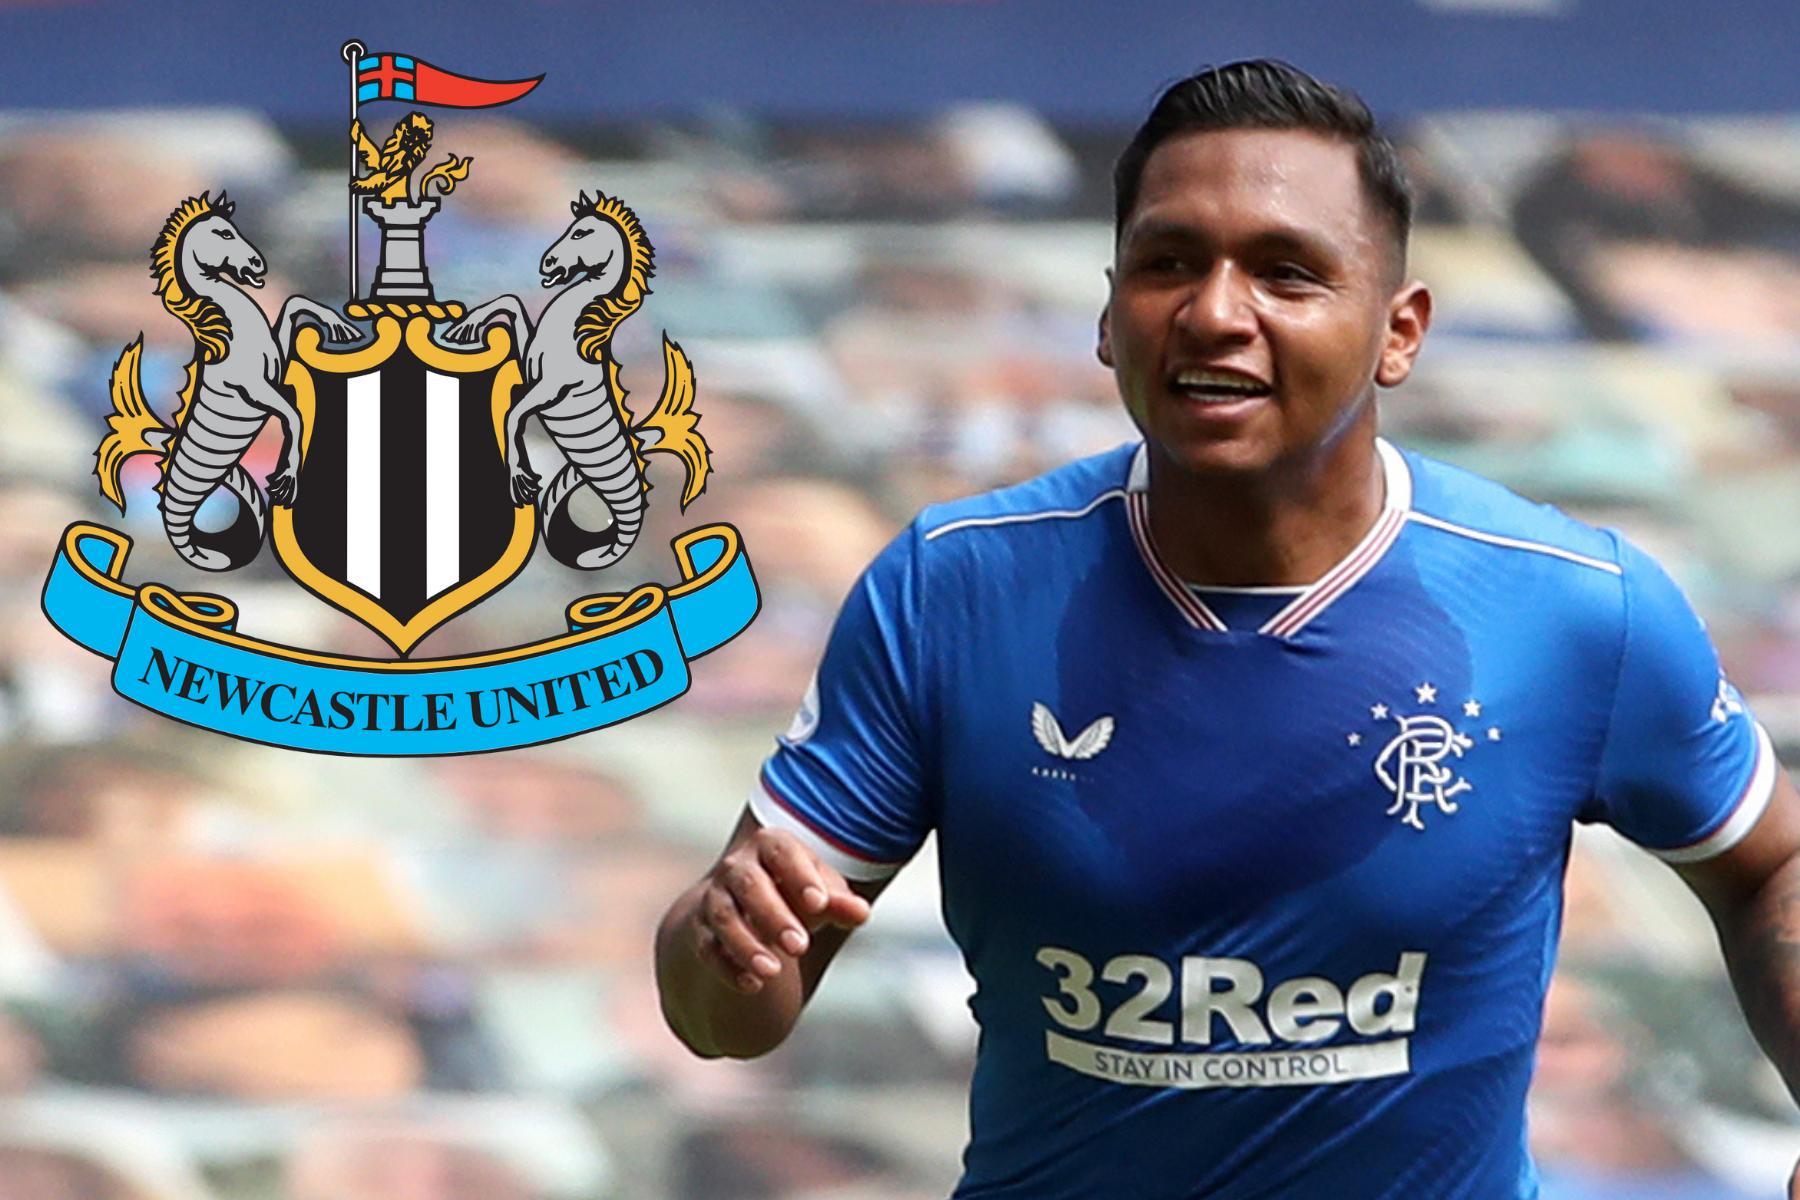 Alfredo Morelos 'vigilante de transferencia de Rangers' en el radar de Newcastle para el papel de director deportivo '